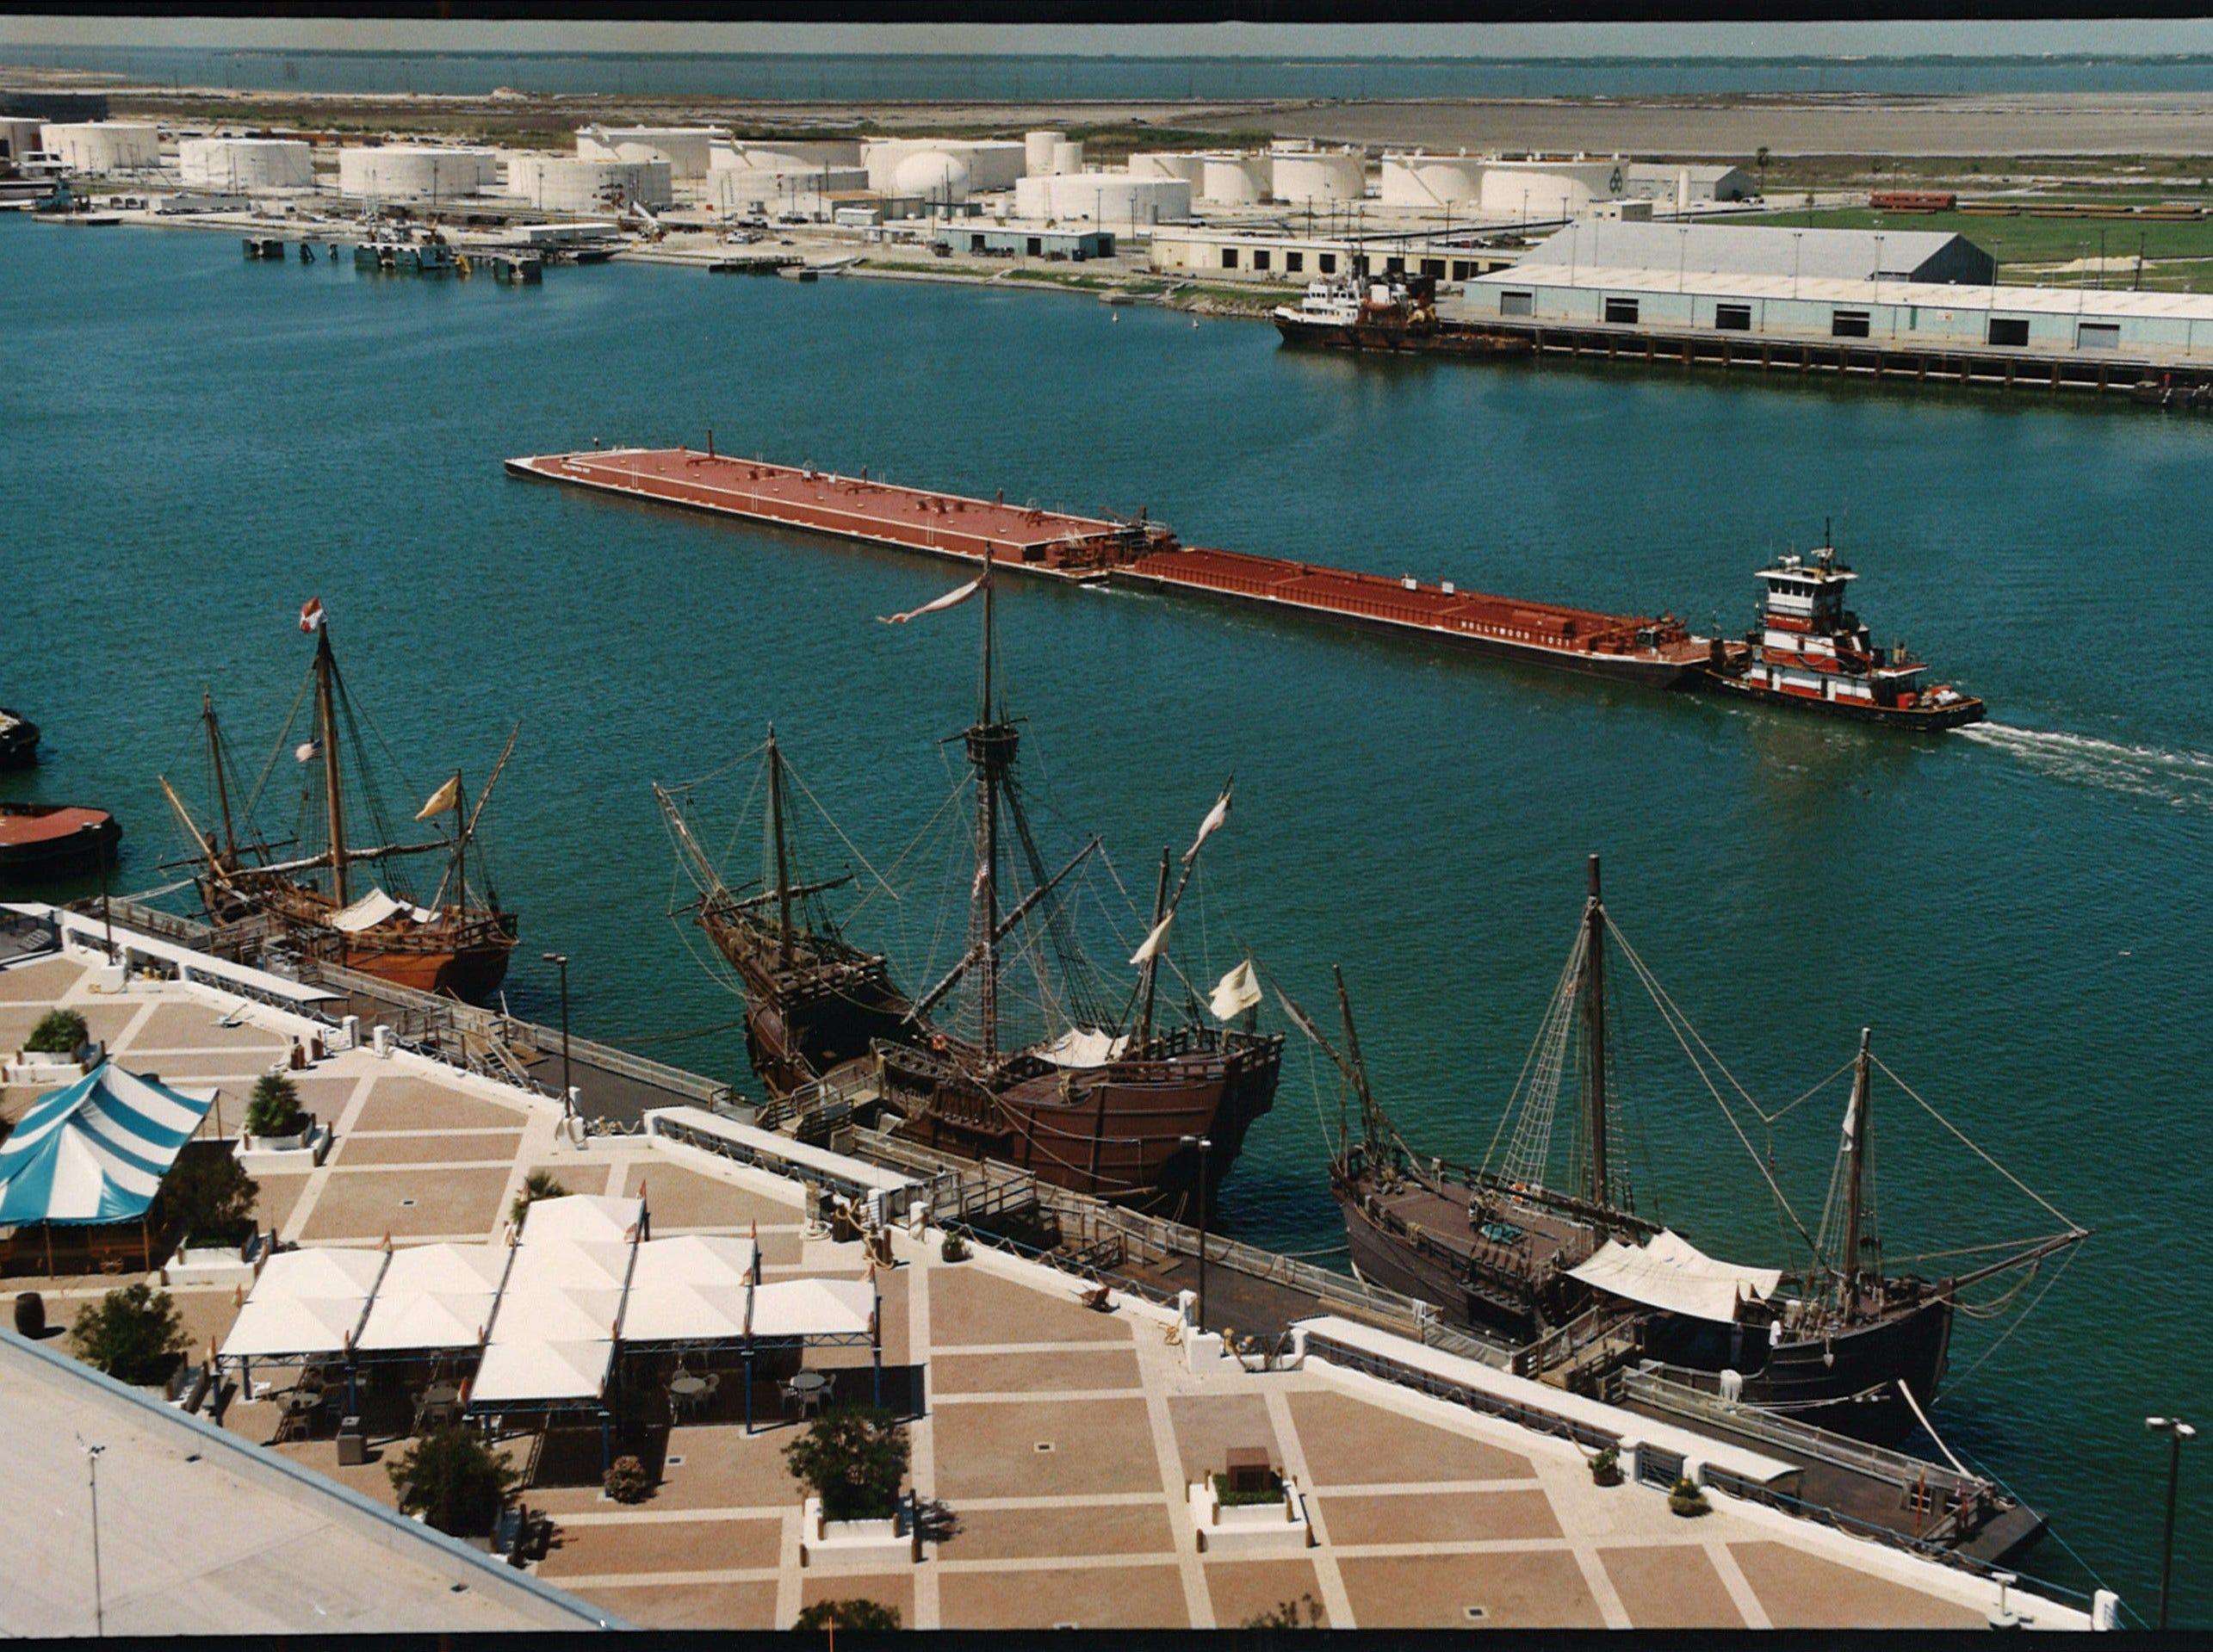 The Columbus fleet moored at Cargo Dock One in Corpus Christi's inner harbor on Sept. 19, 1994.